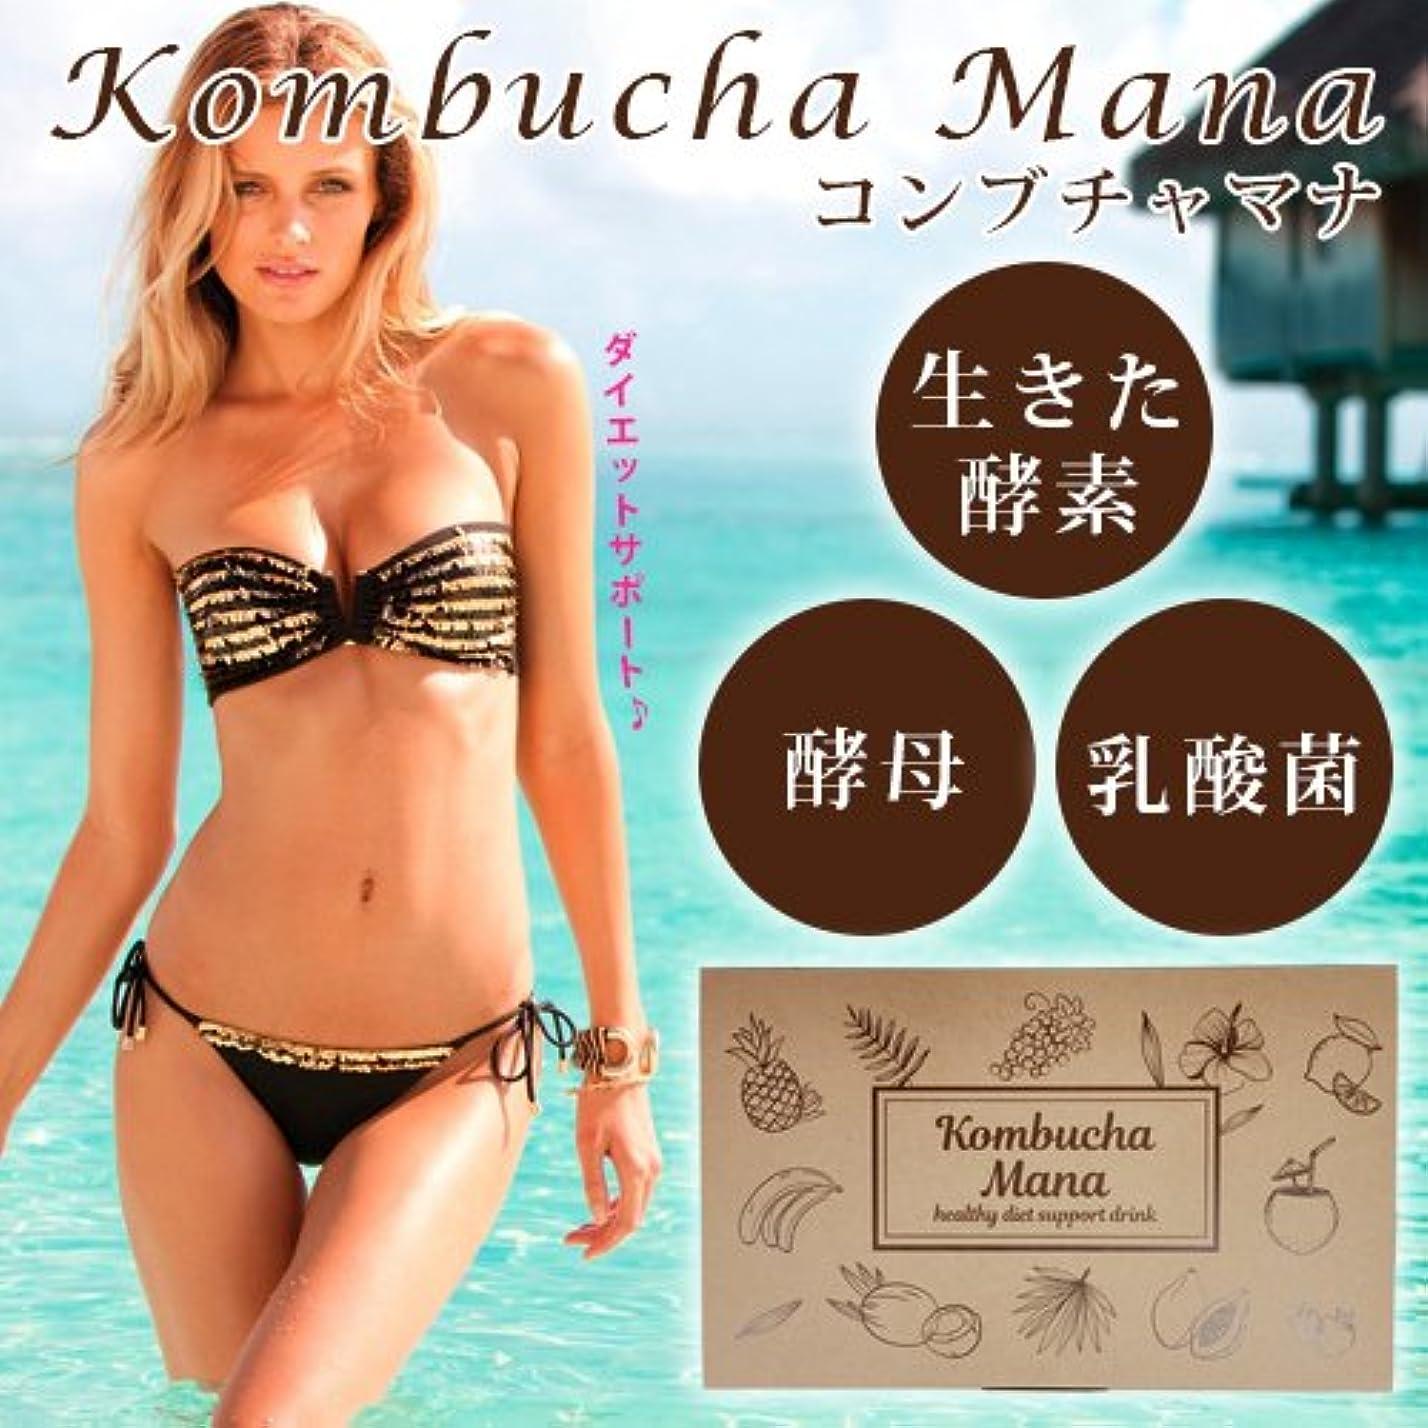 航空関連する物質コンブチャマナ(Kombucha Mana)ダイエットクレンジングドリンク (1箱)